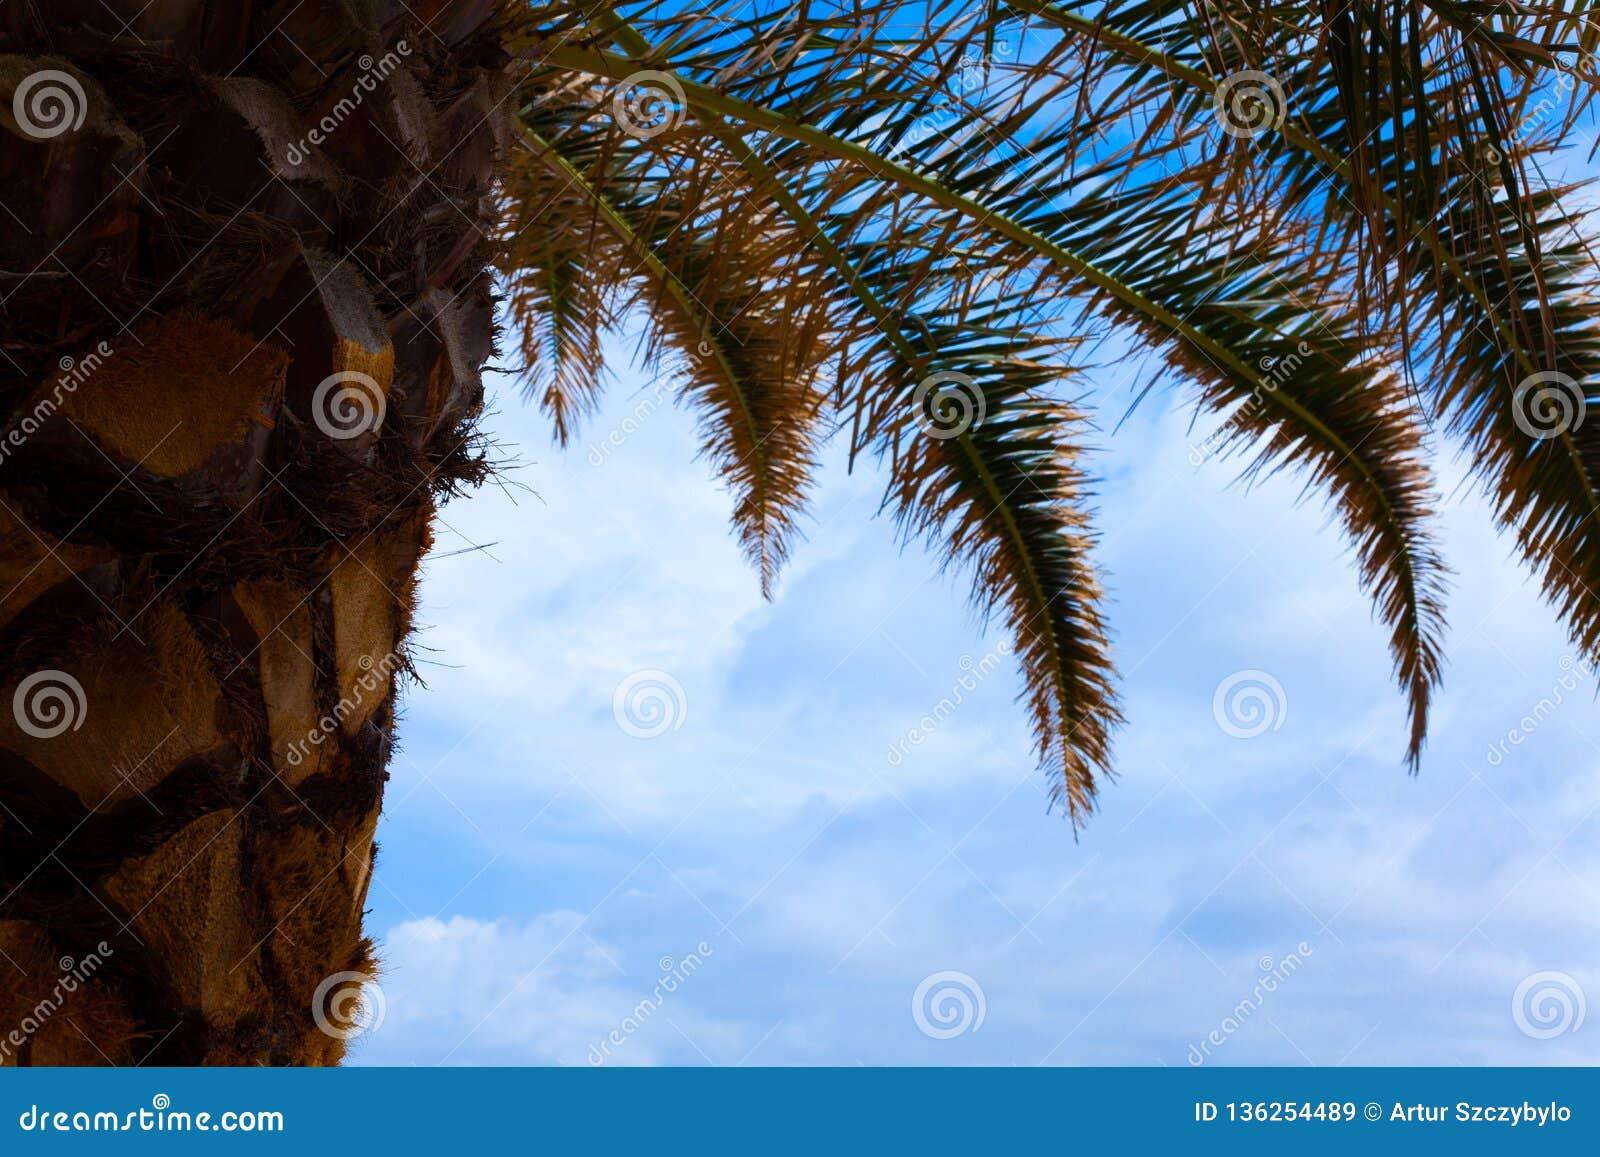 可可椰子厂向上射击  在天空蔚蓝下的干和新鲜的叶状体叶子 树角度图与鳞状和干旱的